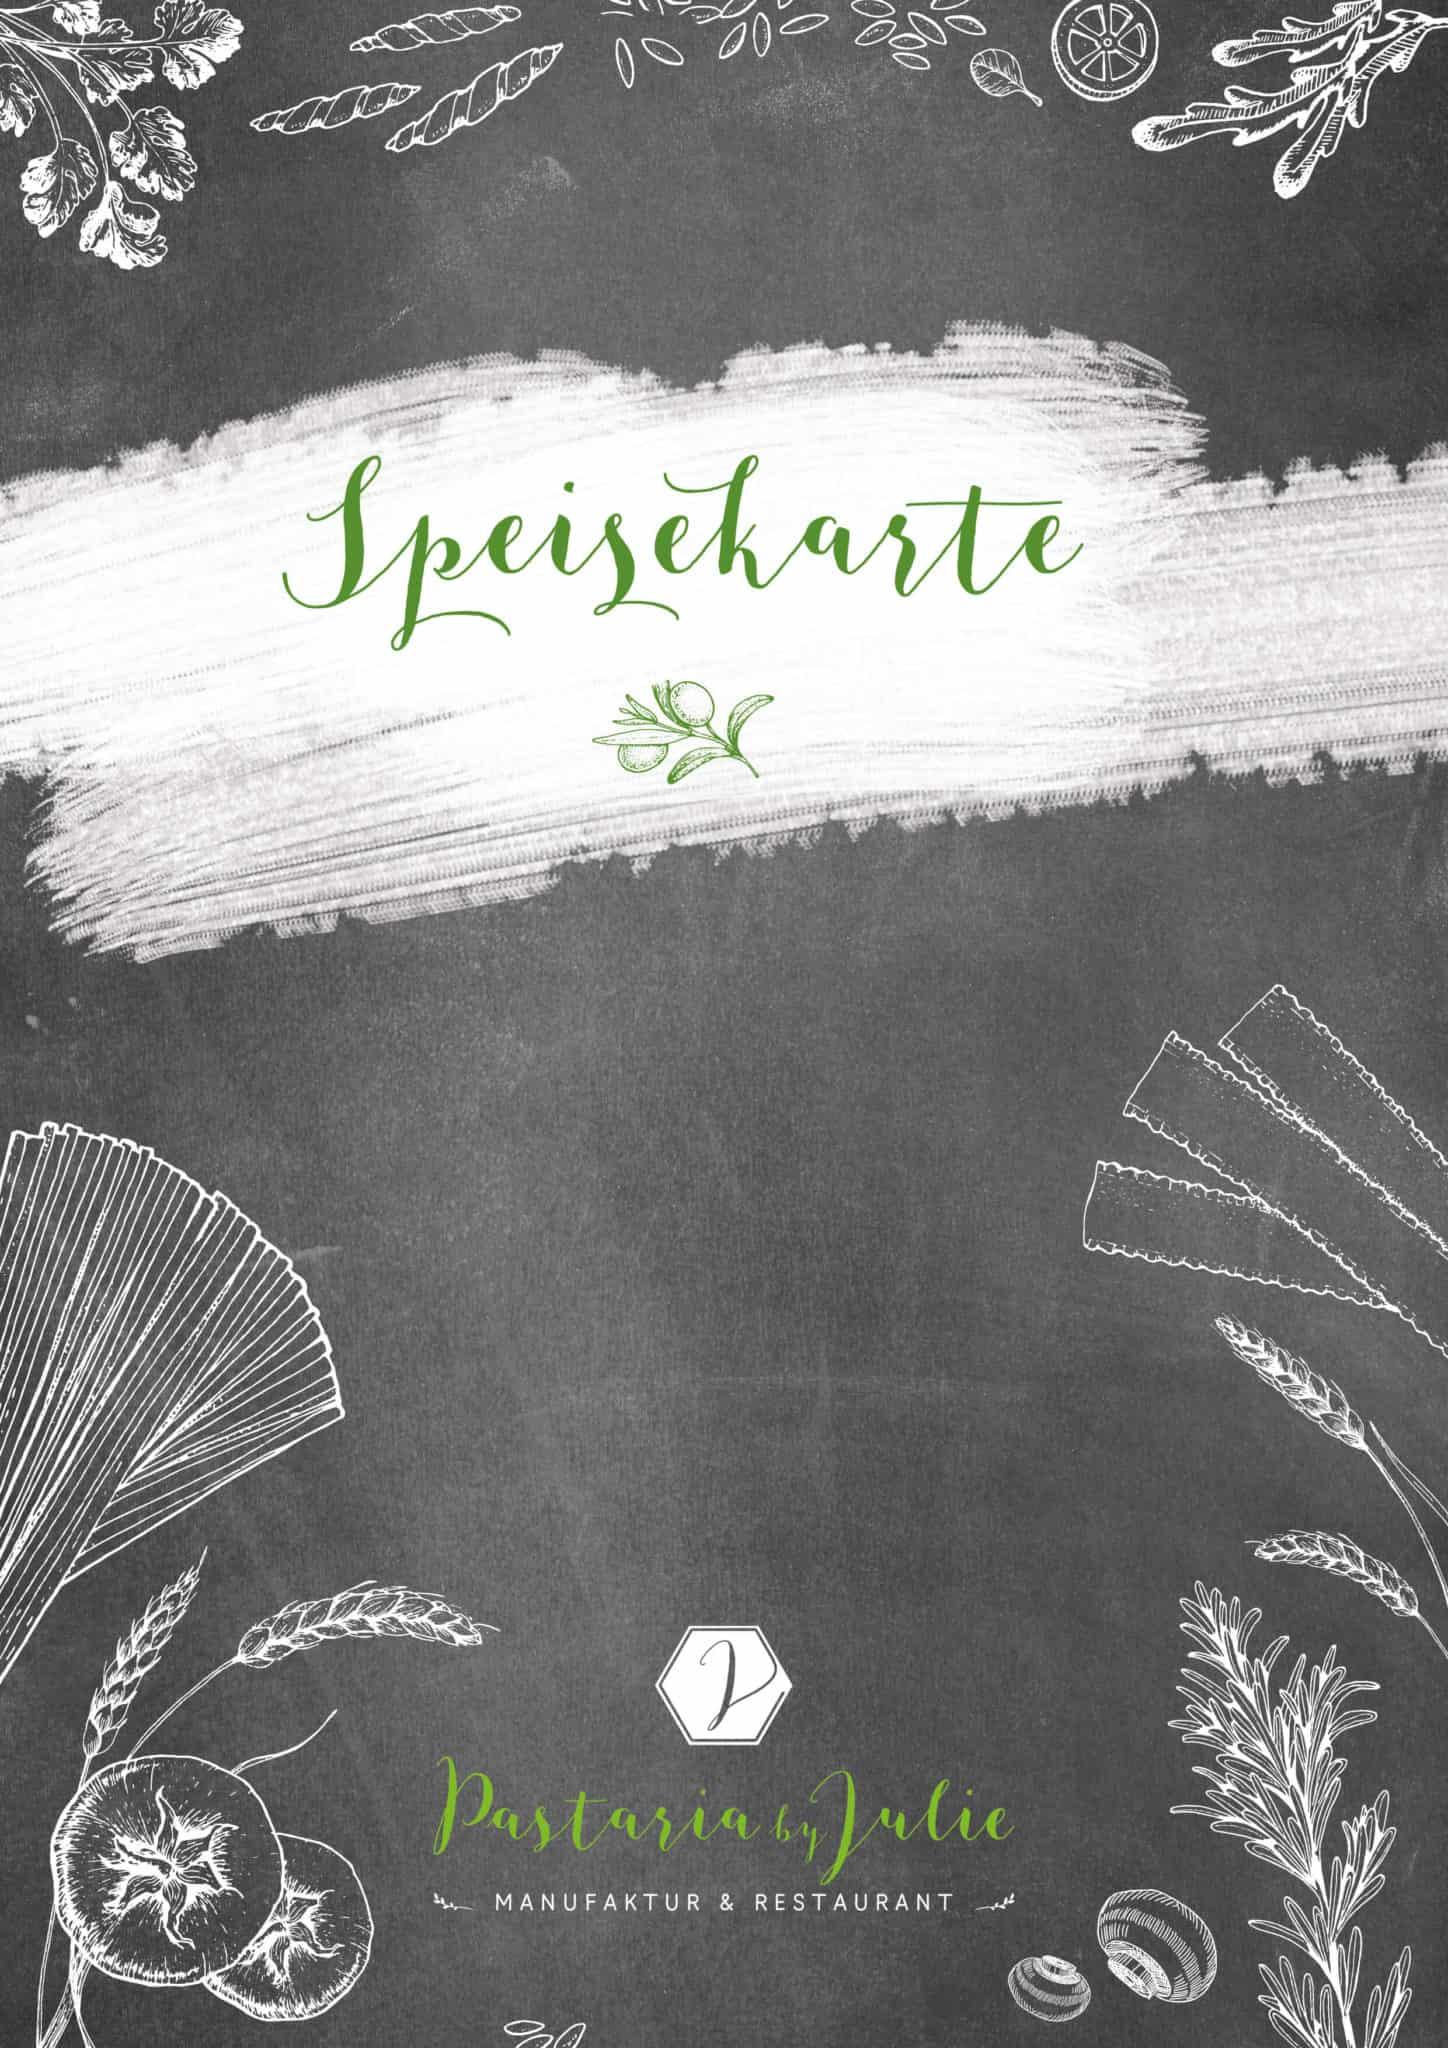 Kartendeckel Pastaria 1